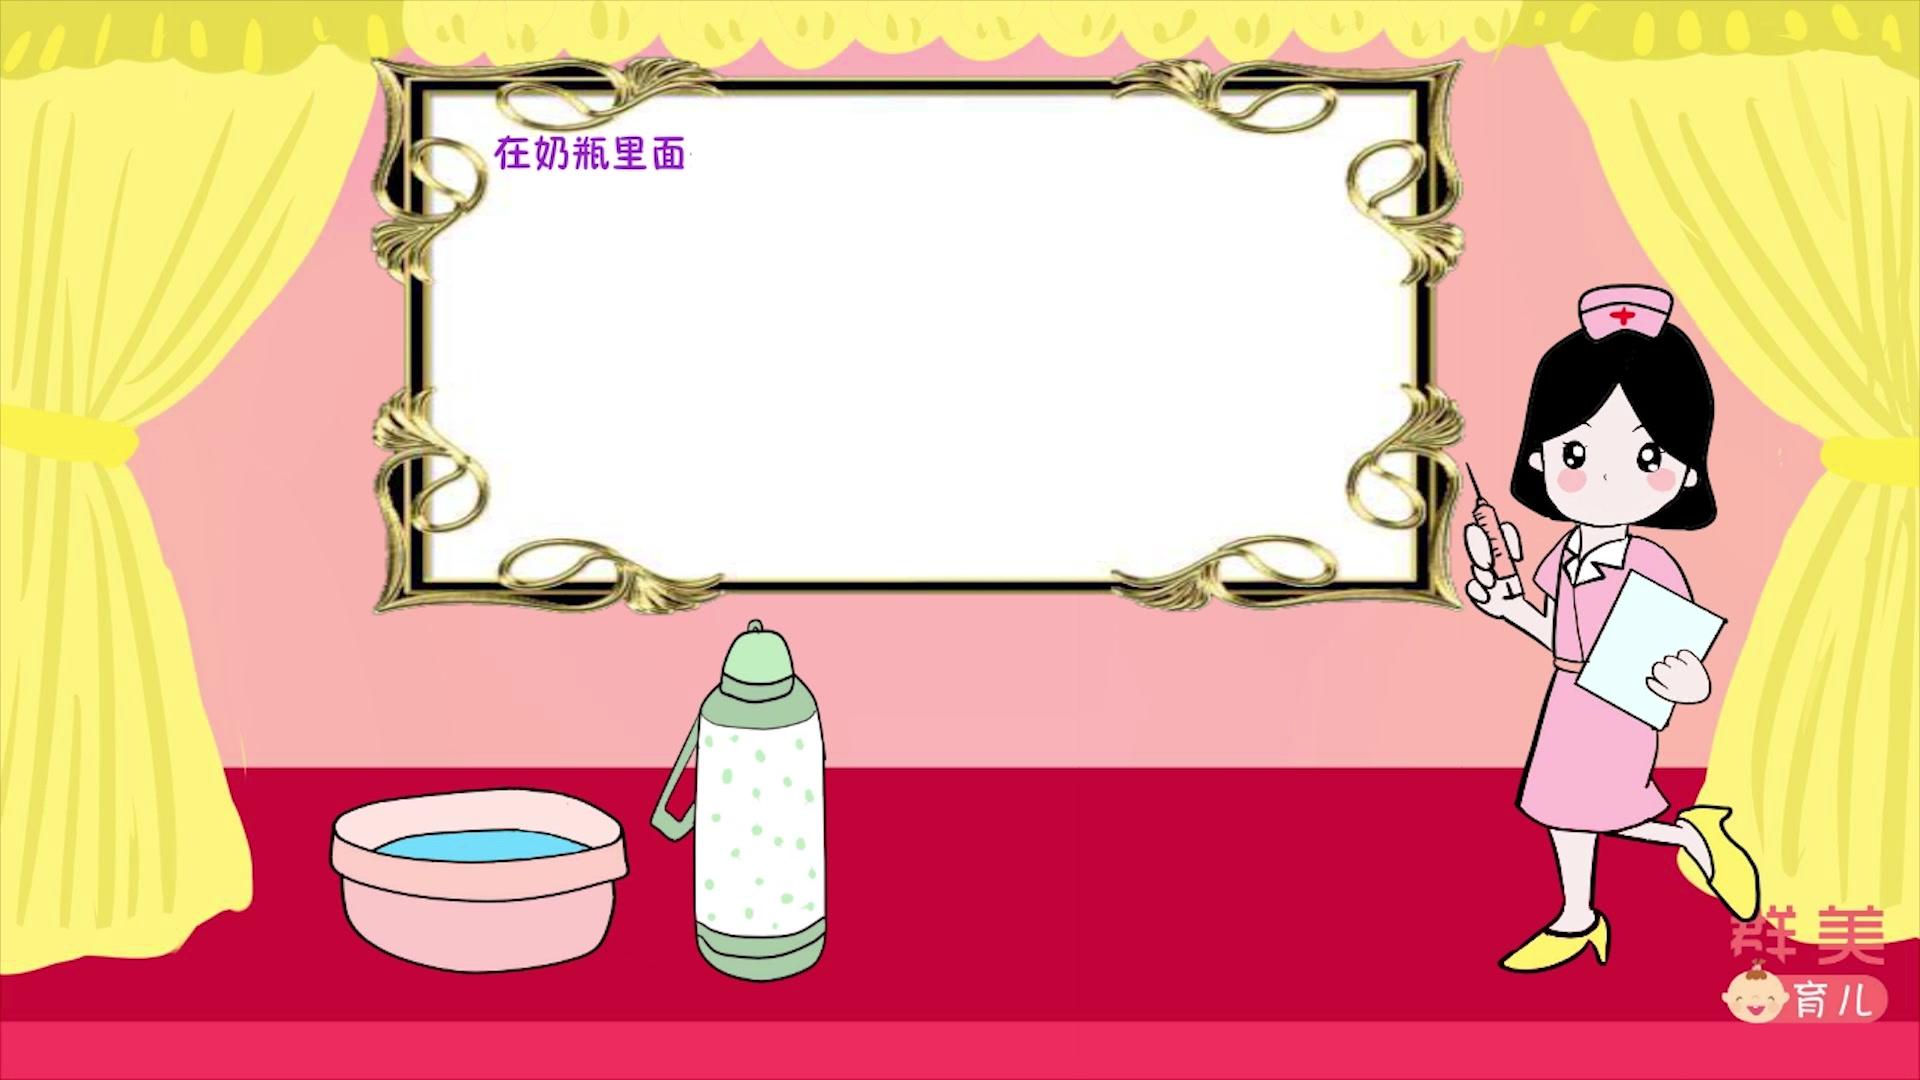 群美育儿《月子健康课堂》第4课 月子塞奶怎么办图片